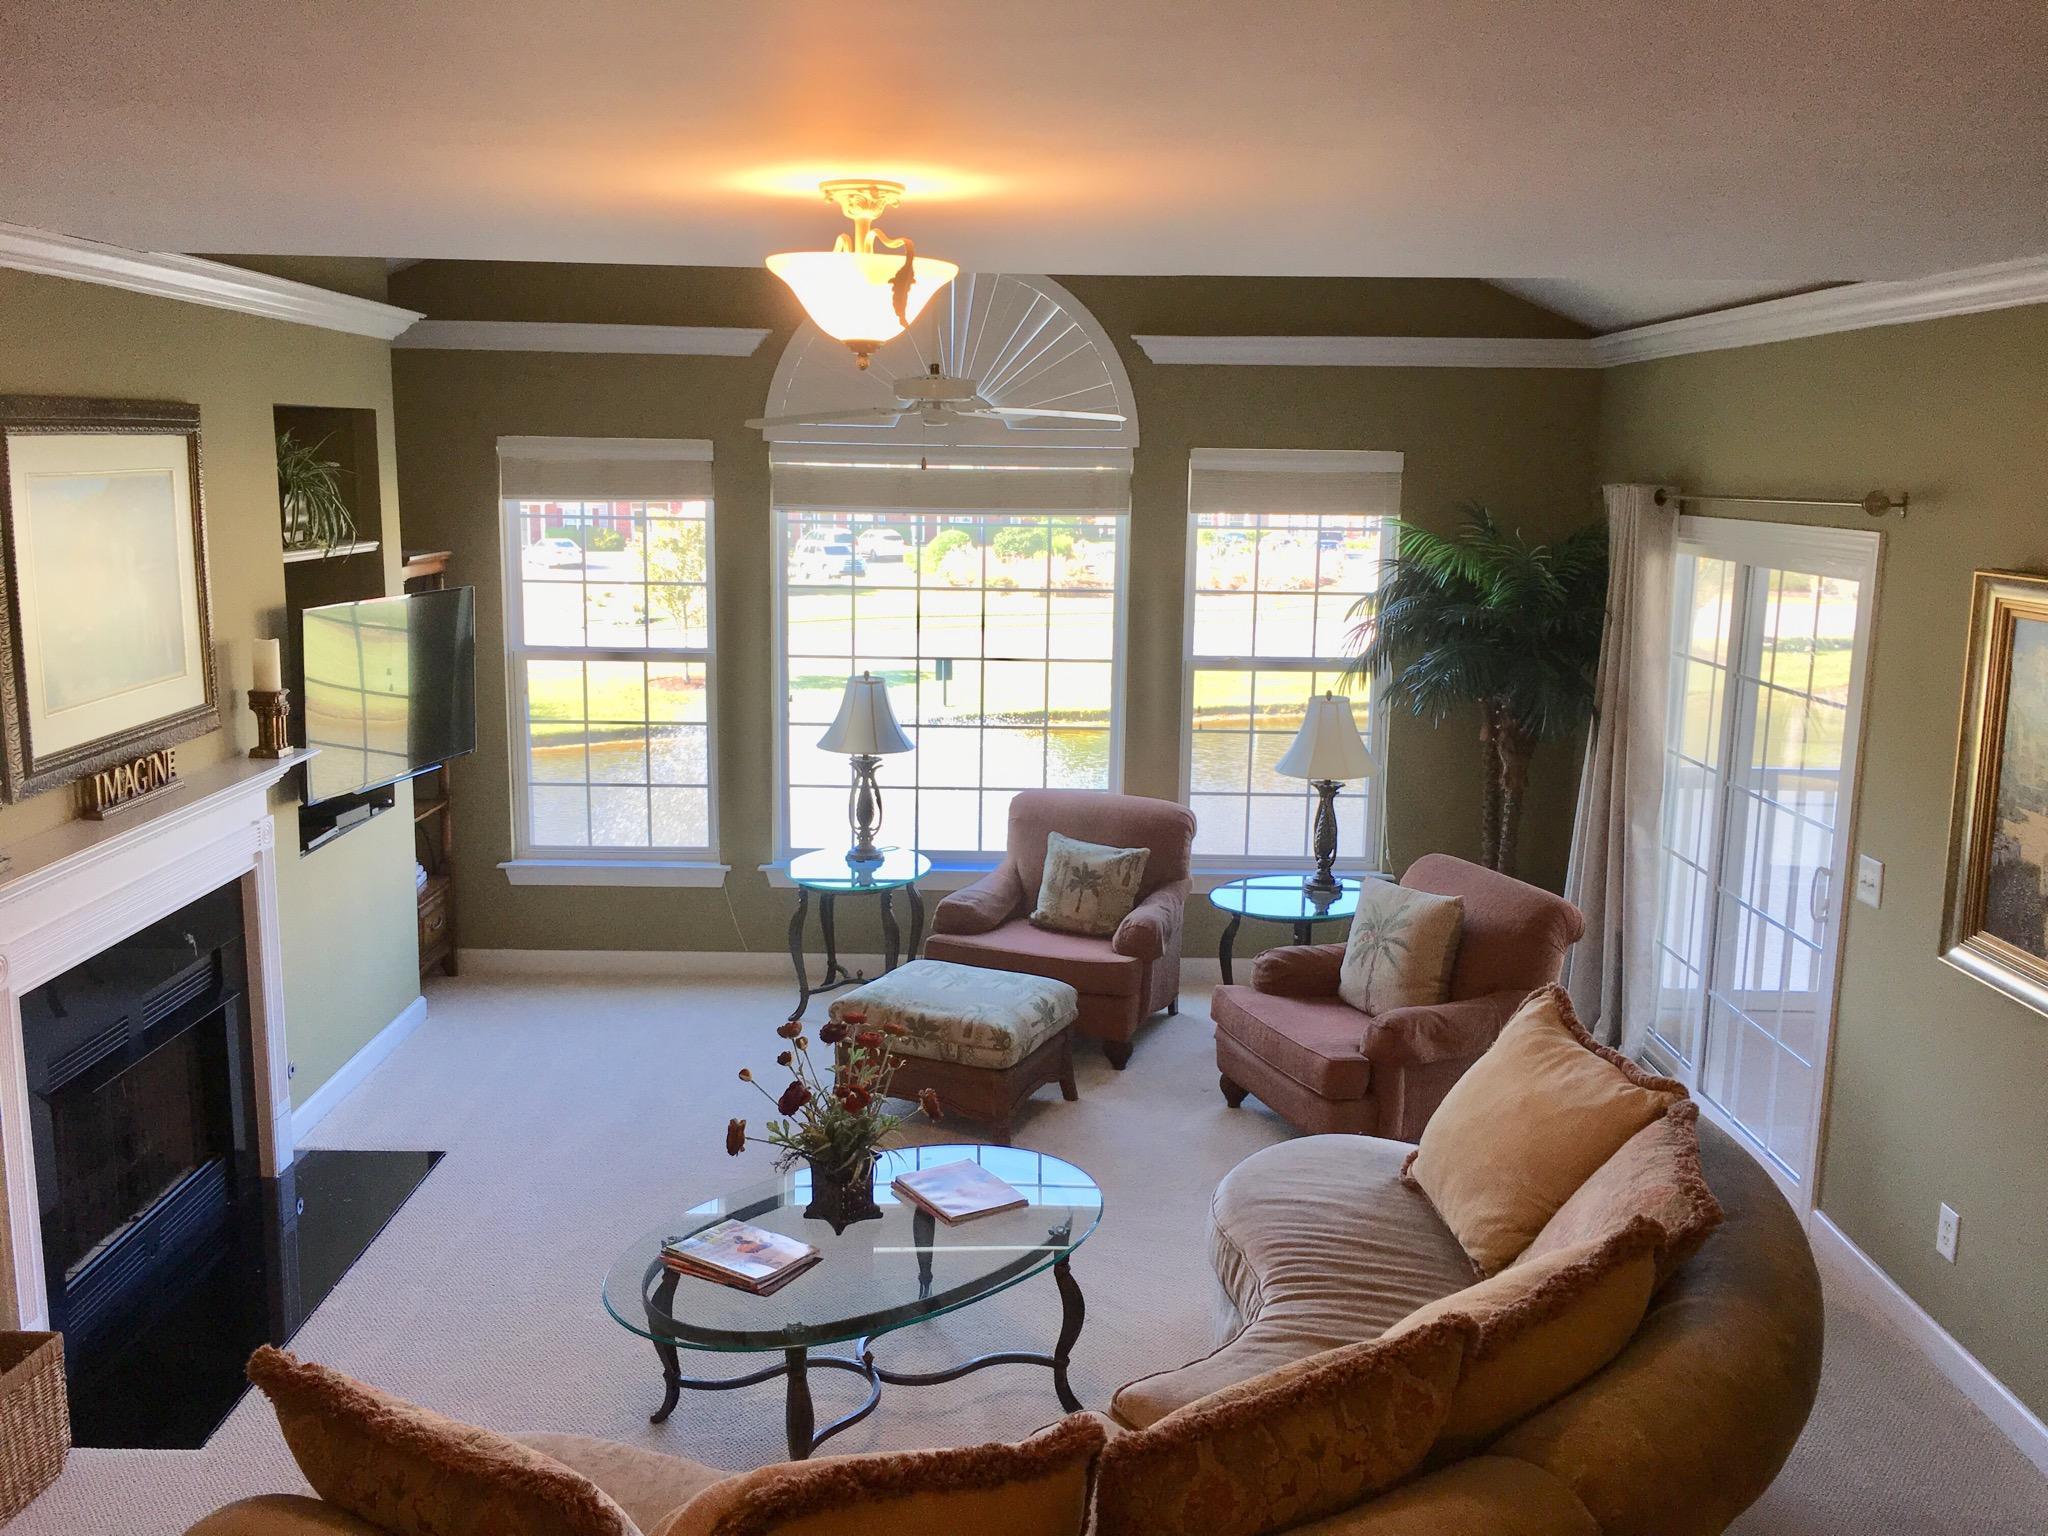 Dunes West Homes For Sale - 1468 Ellington Woods, Mount Pleasant, SC - 12